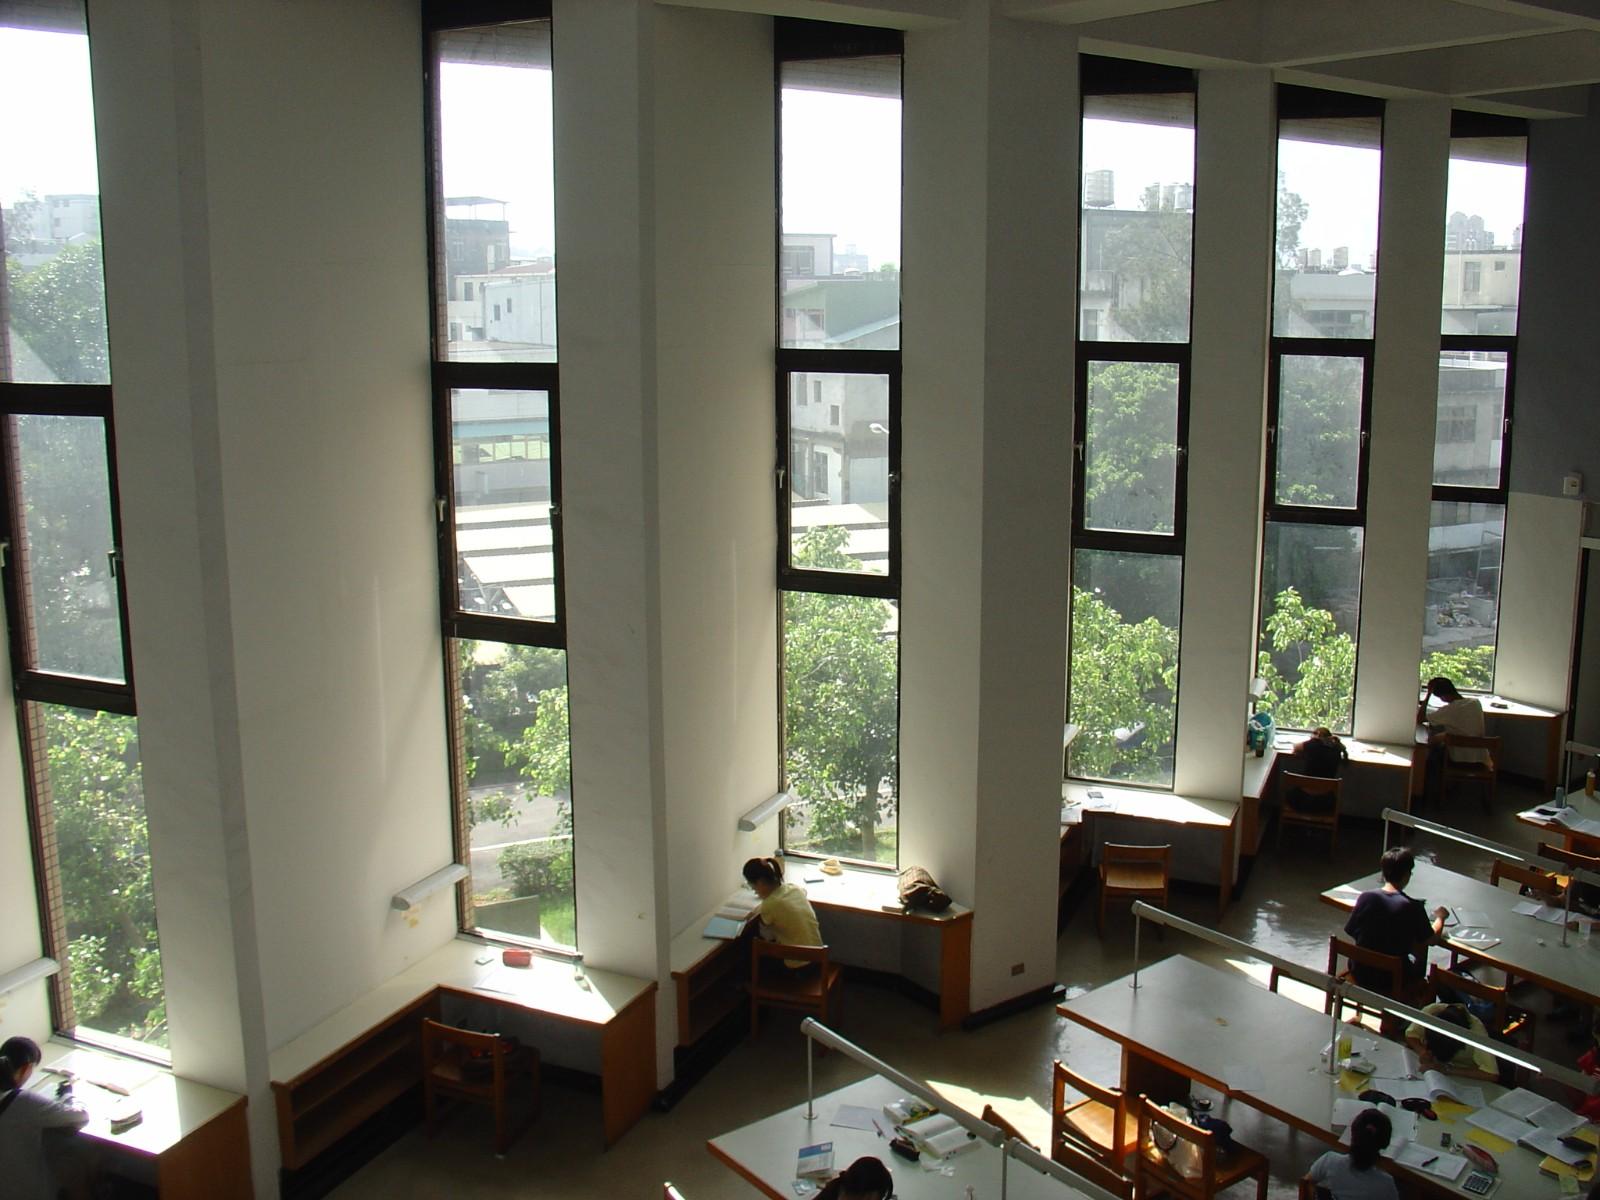 中原大學張靜愚紀念圖書館空間開闊且採光佳,身處其中閱讀是很大的享受。.JPG